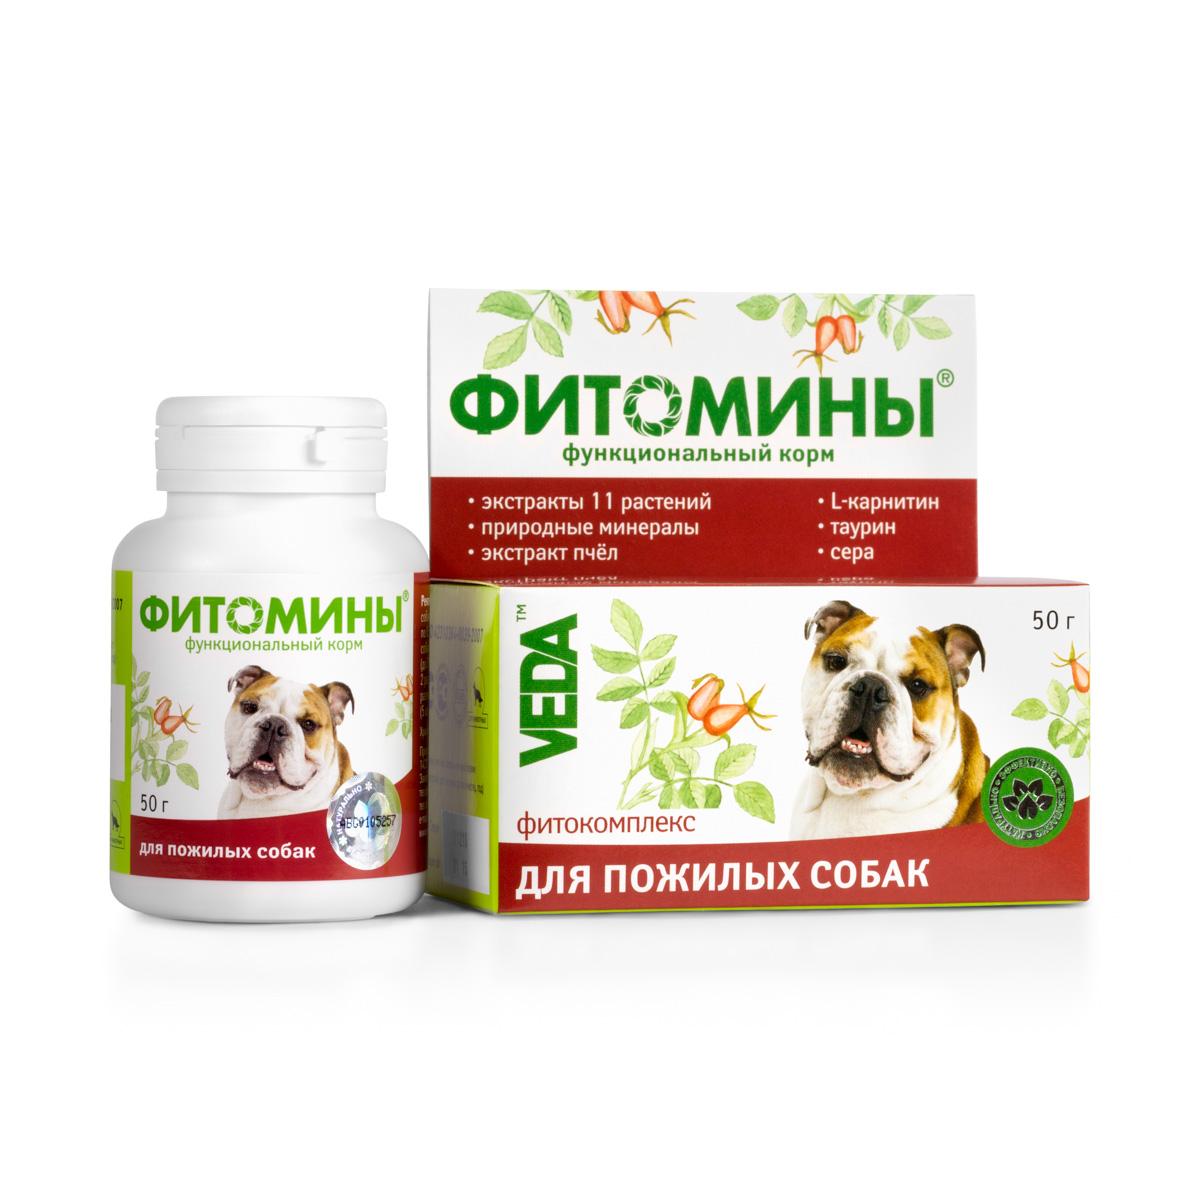 Корм VEDA Фитомины для пожилых собак, функциональный, 50 г4605543005961Функциональный корм VEDA Фитомины для пожилых собак улучшает общее состояние системы кровообращения.Рекомендуется включать в рацион:- животным с нарушениями функциями сердечно-сосудистой системы, периферического, мозгового и коронарного кровообращения, - пожилым животным для повышения устойчивости к сердечно-сосудистым заболеваниям.Состав: лактоза; крахмал; дрожжи пивные; фитокомплекс: травы мелиссы лекарственной, плодов боярышника, травы пустырника сердечного, корневищ с корнями валерьяны, травы донника, листьев мяты перечной, травы котовника, травы тысячелистника, травы горца птичьего, травы сушеницы болотной, травы буквицы; природный минеральный комплекс; паровая мясная мука; гидролизат коллагена; L-карнитин; экстракт пчел; таурин; сера; стеарат кальция.В 100 г продукта содержится (не менее): углеводы - 92 г; жиры - 0,1 г; белки – 2 г; кальций 600 мг; фосфор 360 мг; железо 15 мг; цинк 4 мг; марганец 0,1 мг; медь 0,3 мг; L-карнитин 0,5 г; таурин 0,2 г; сера 0,1 г.Энергетическая ценность в 100 г: 380 ккал.Товар сертифицирован.